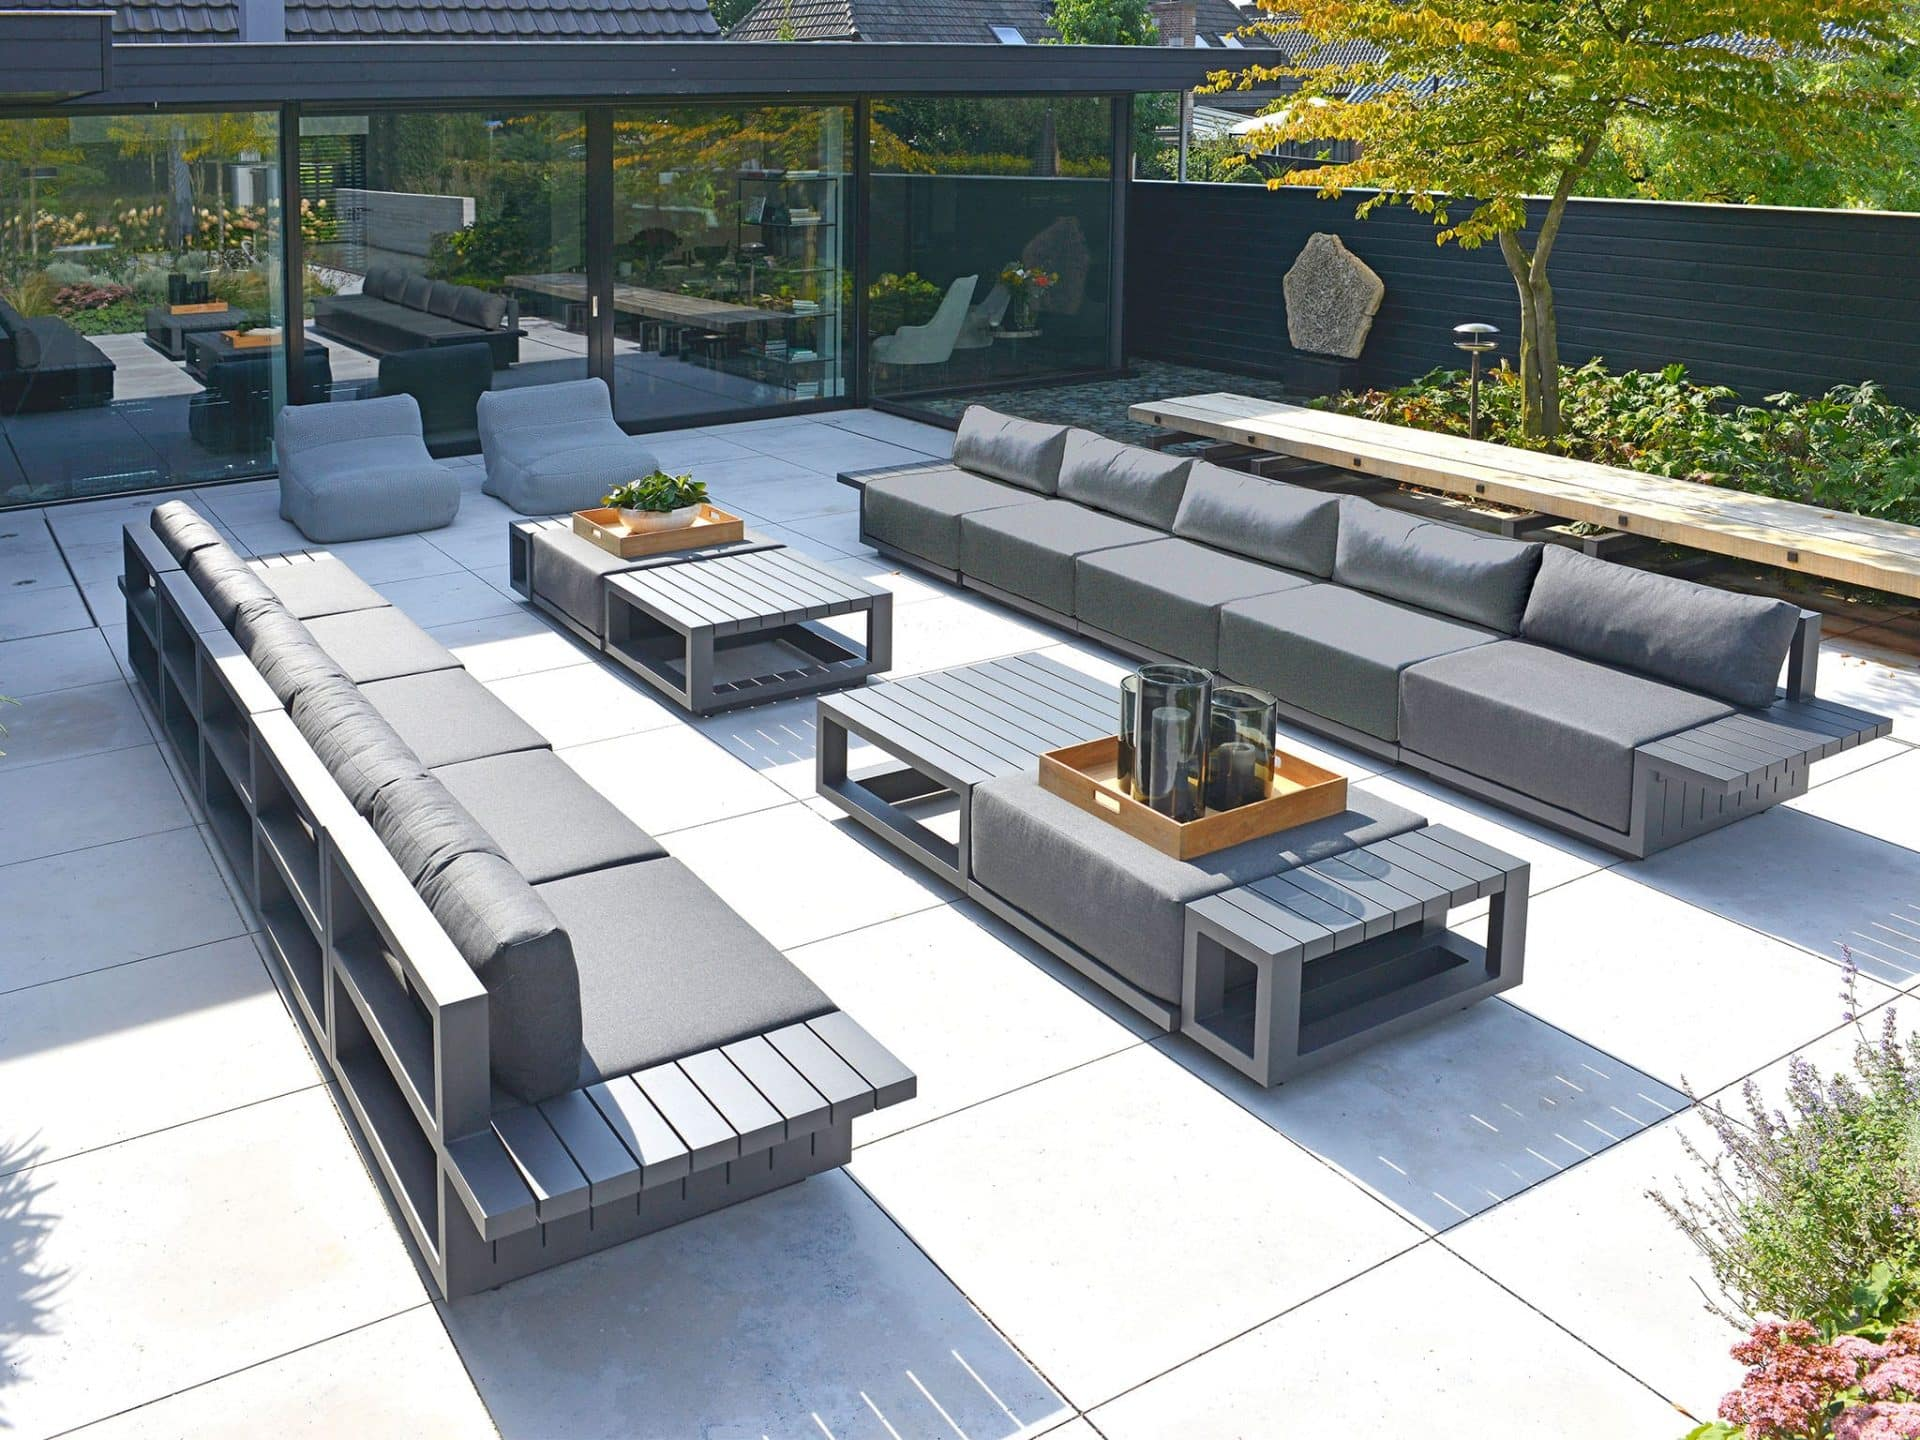 Loungemöbel kaufen - Moderne Outdoor Möbel für Garten, Terrasse & Balkon